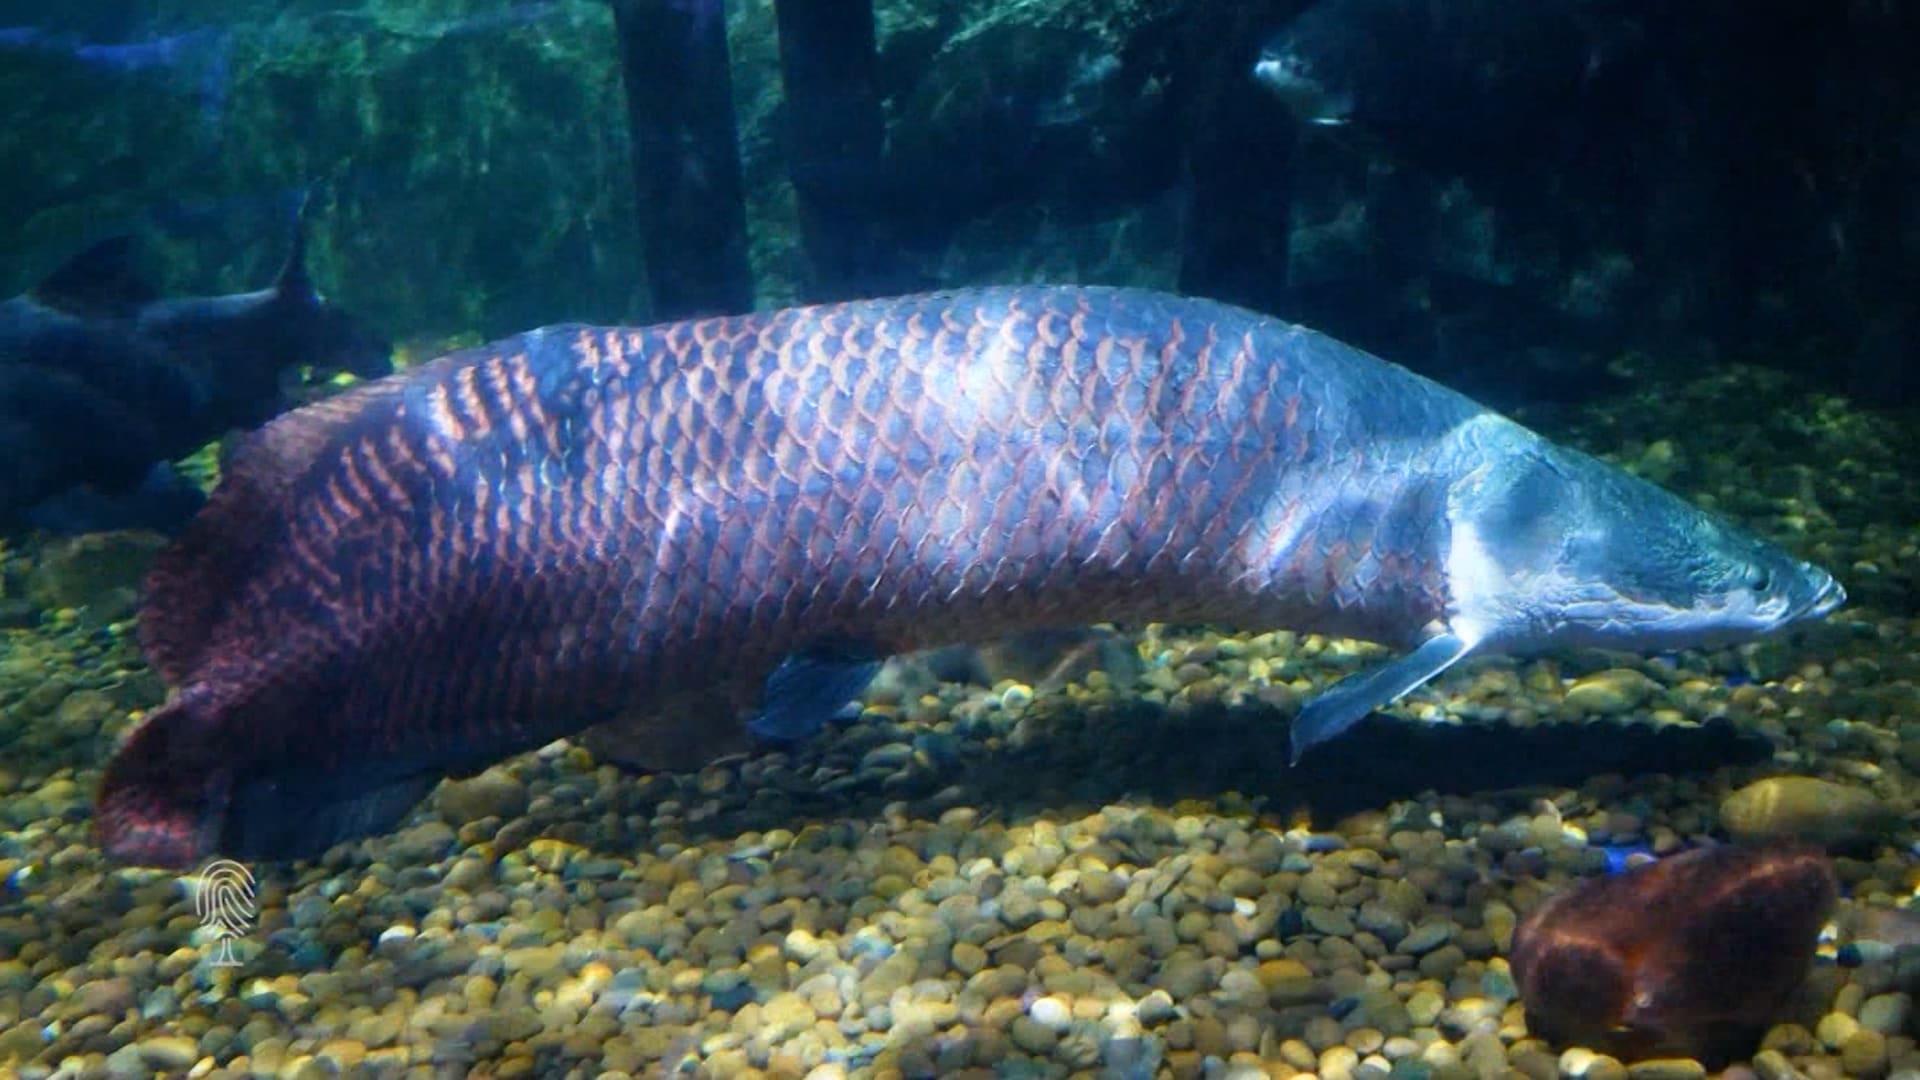 هذا الرجل في مهمة لإنقاذ سمكة الأربيمة العملاقة في نهر الأمازون